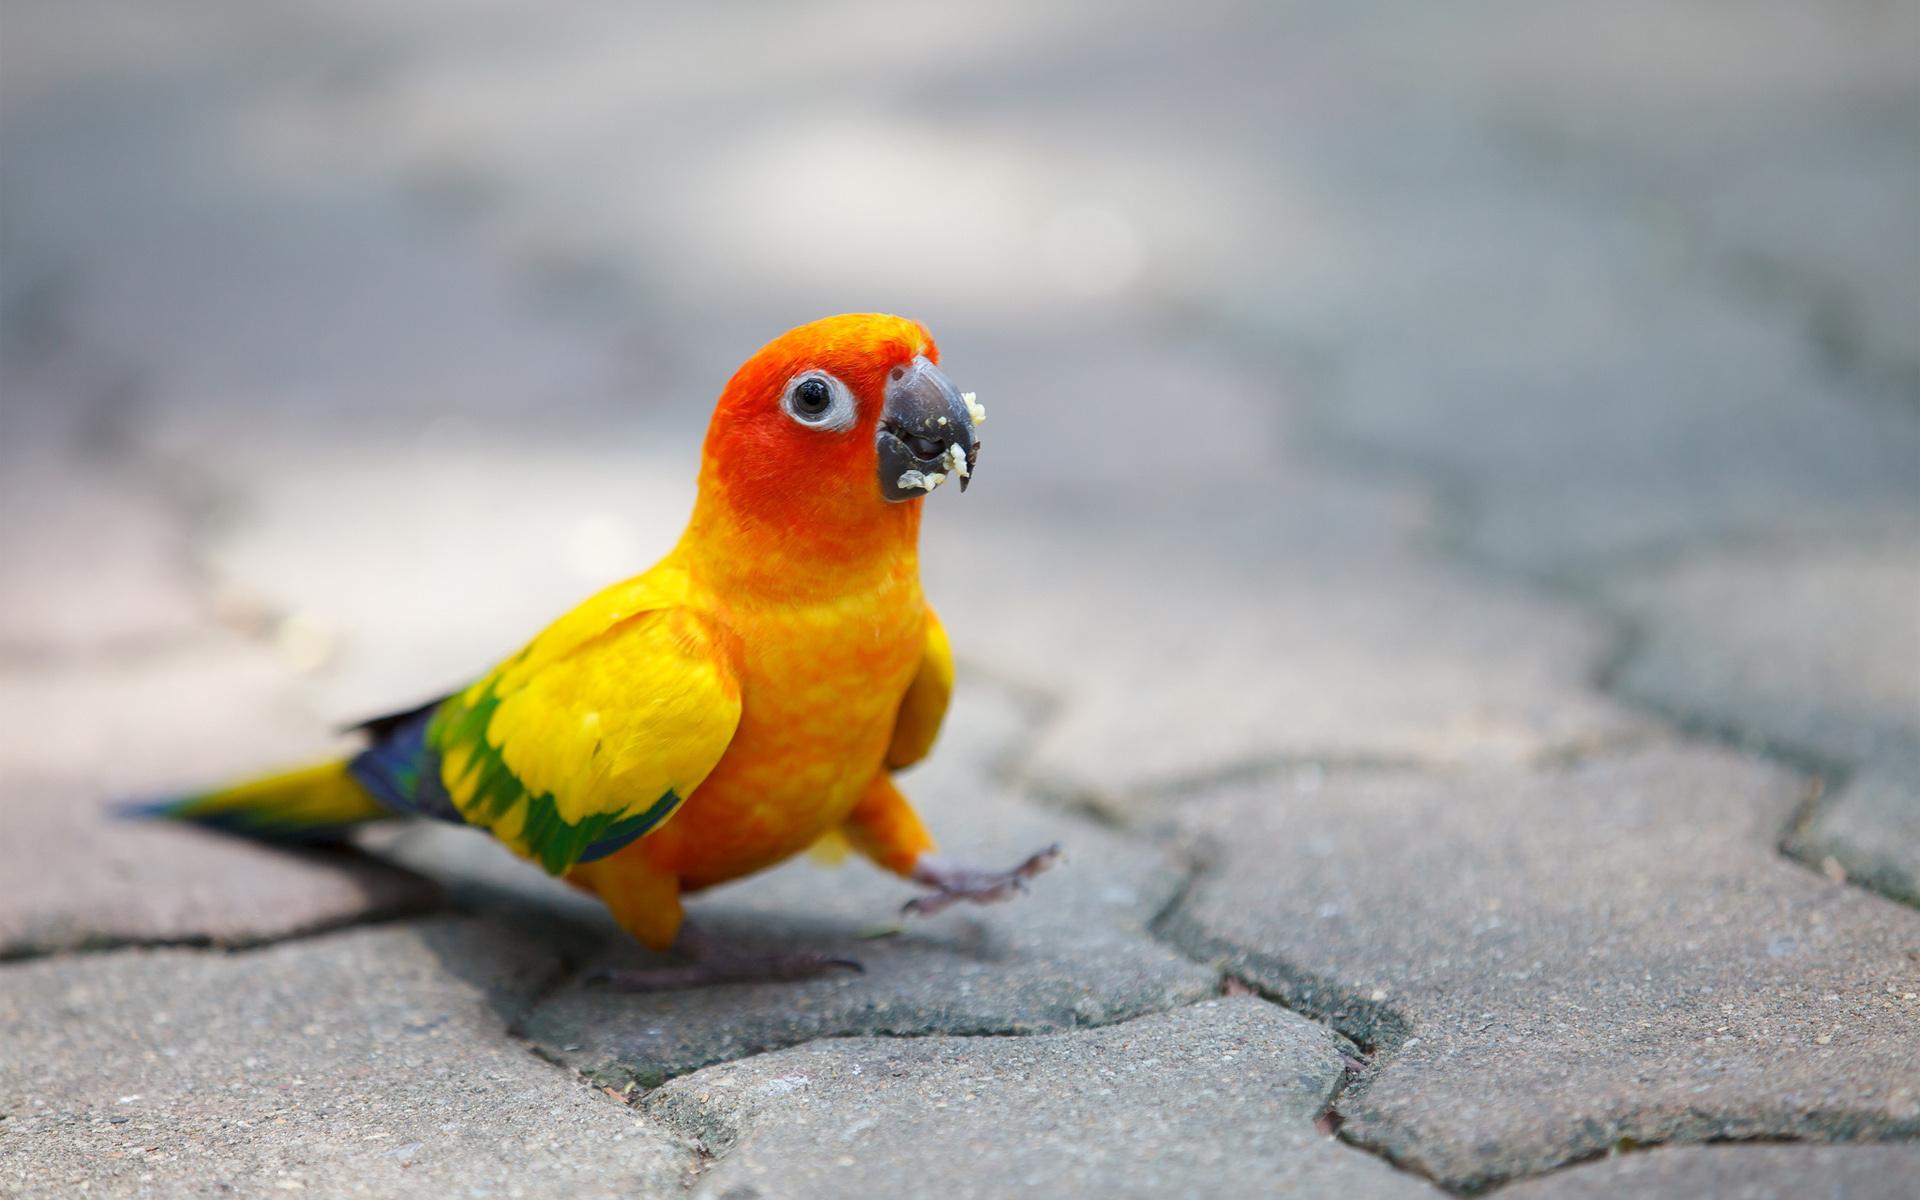 pics of parrots